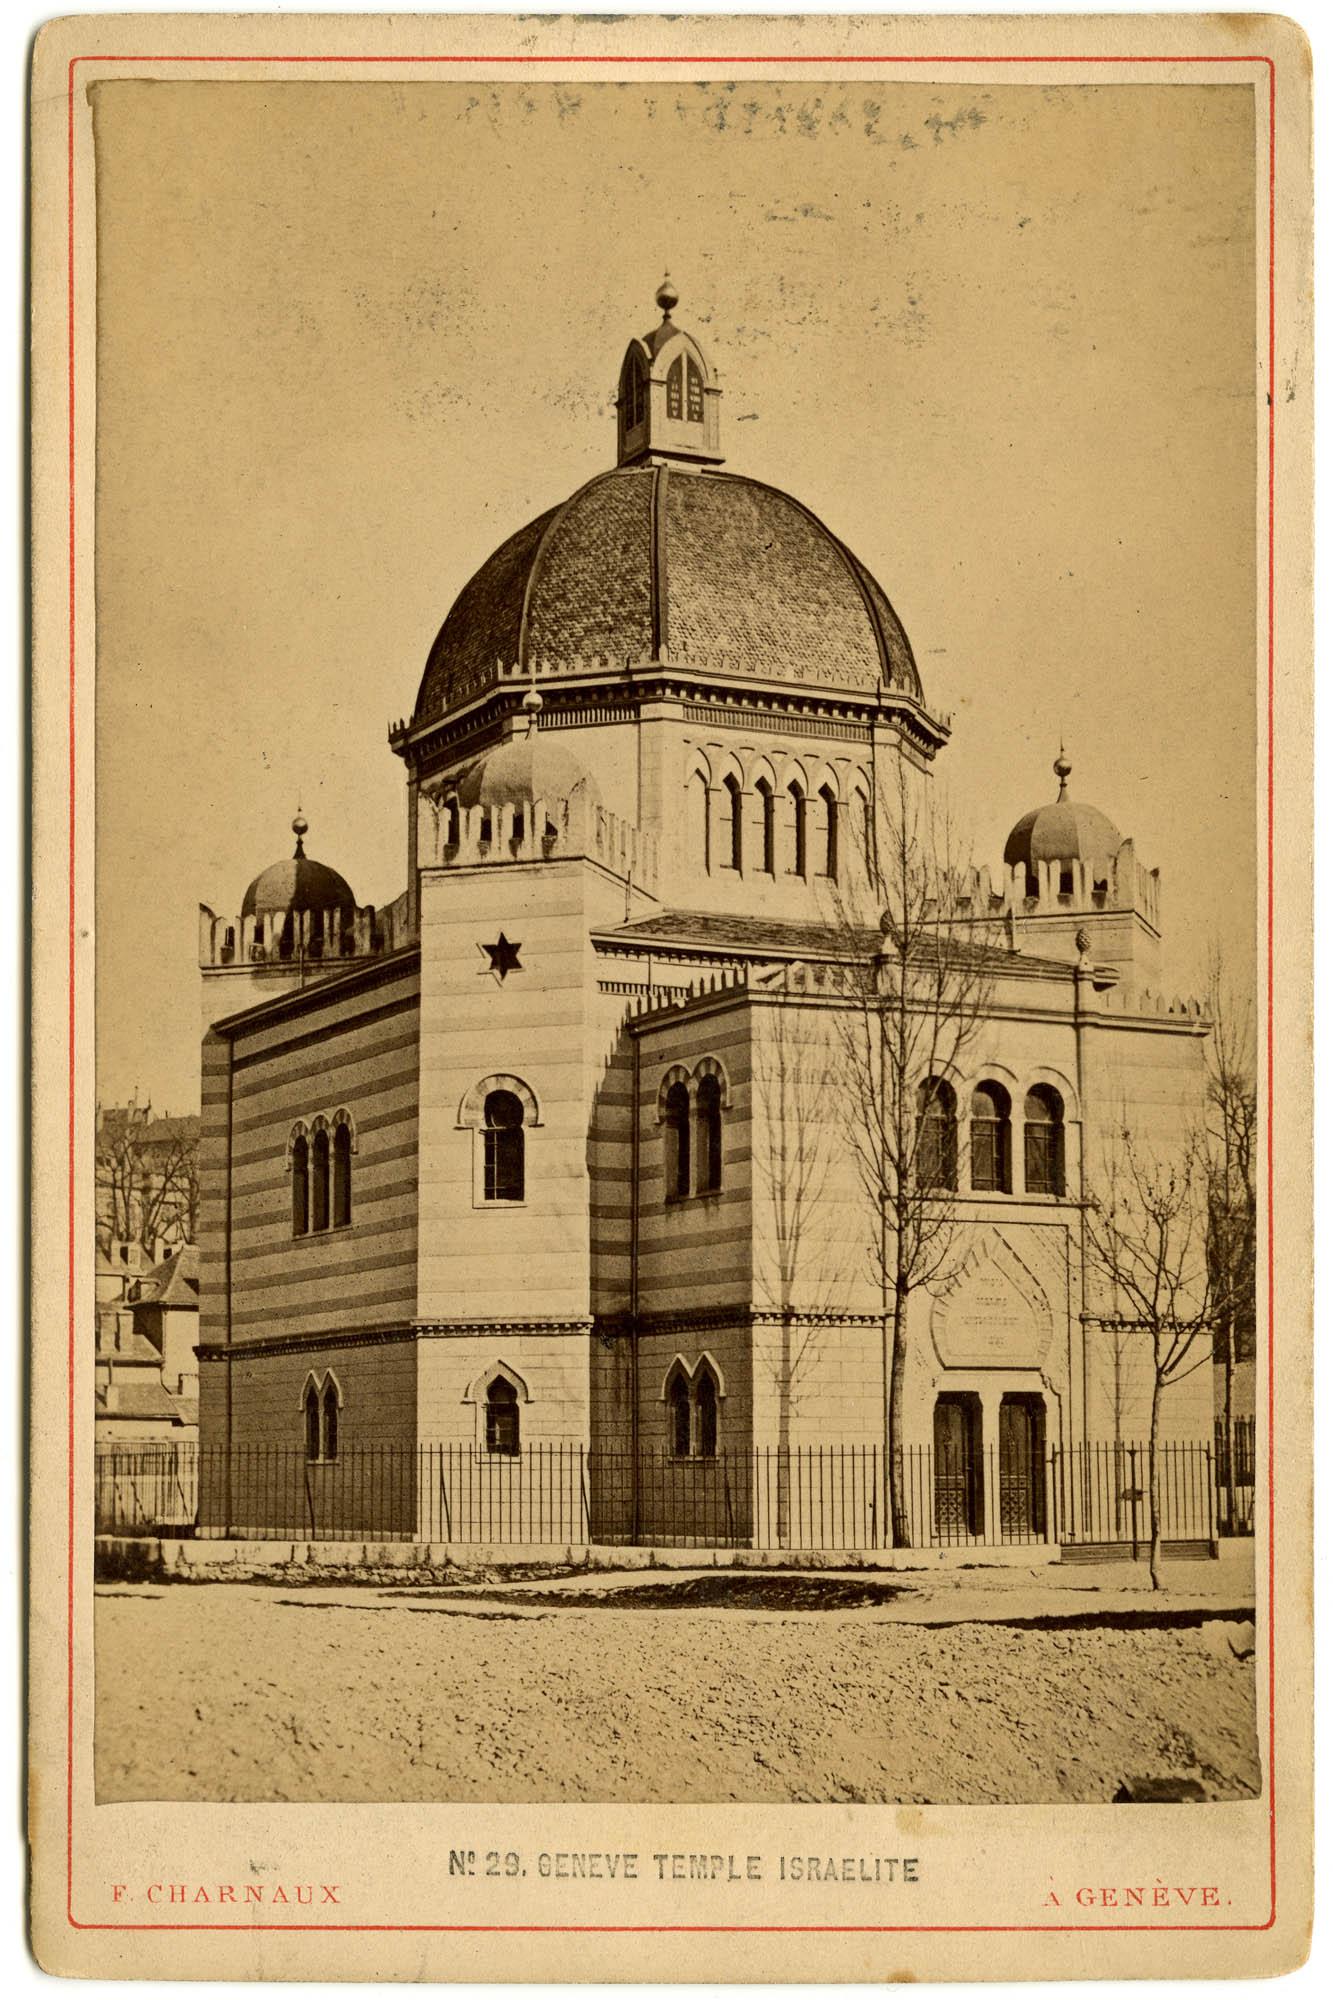 Geneve, Temple Israelite